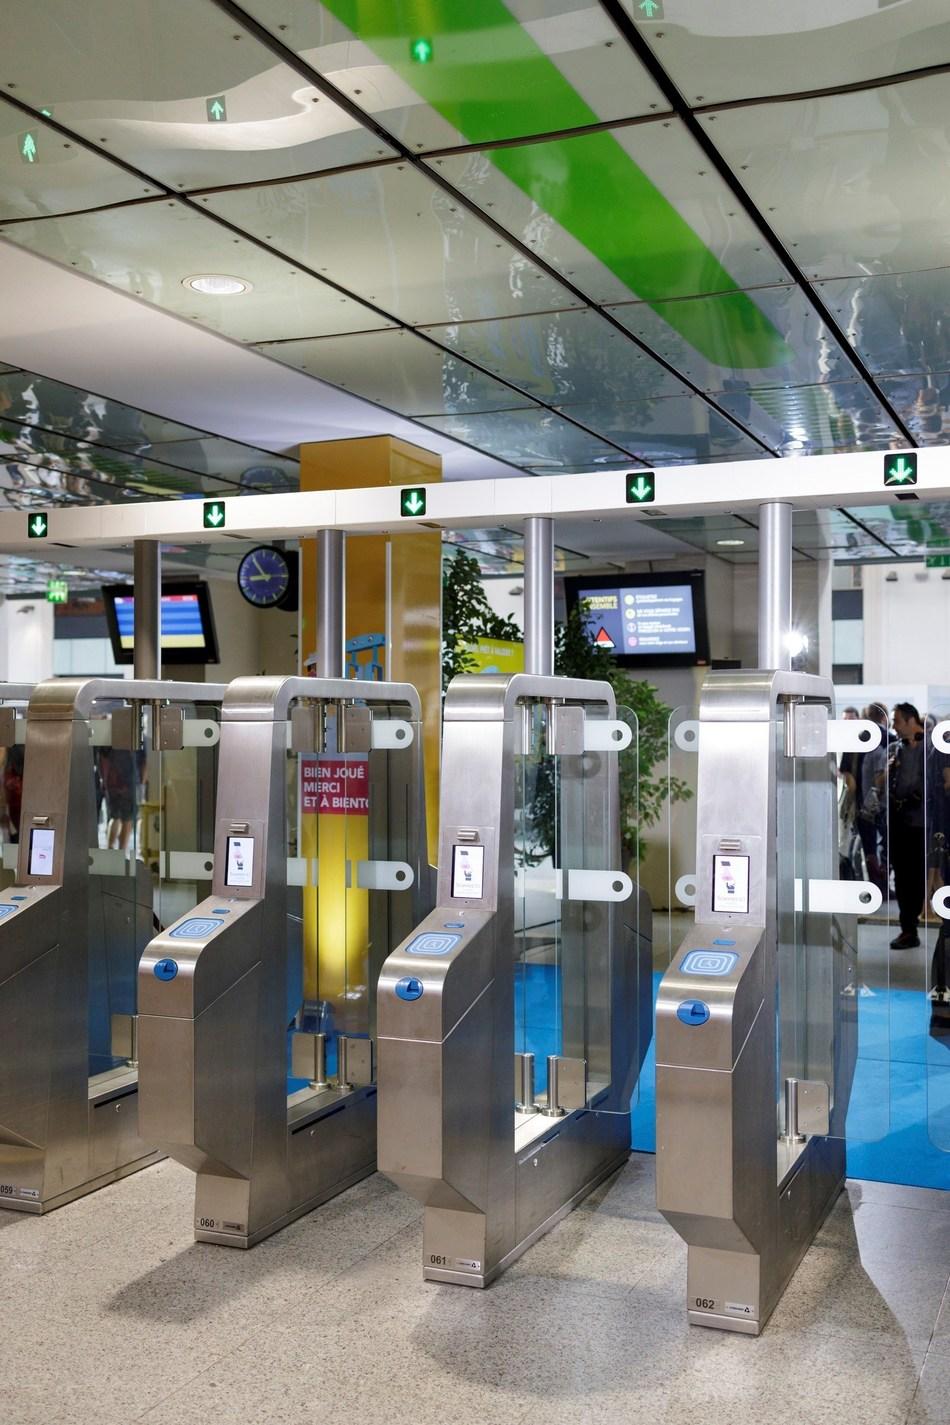 Portes de contrôle d'accès à détection 3-D Conduent, à la gare de Paris Saint-Lazare